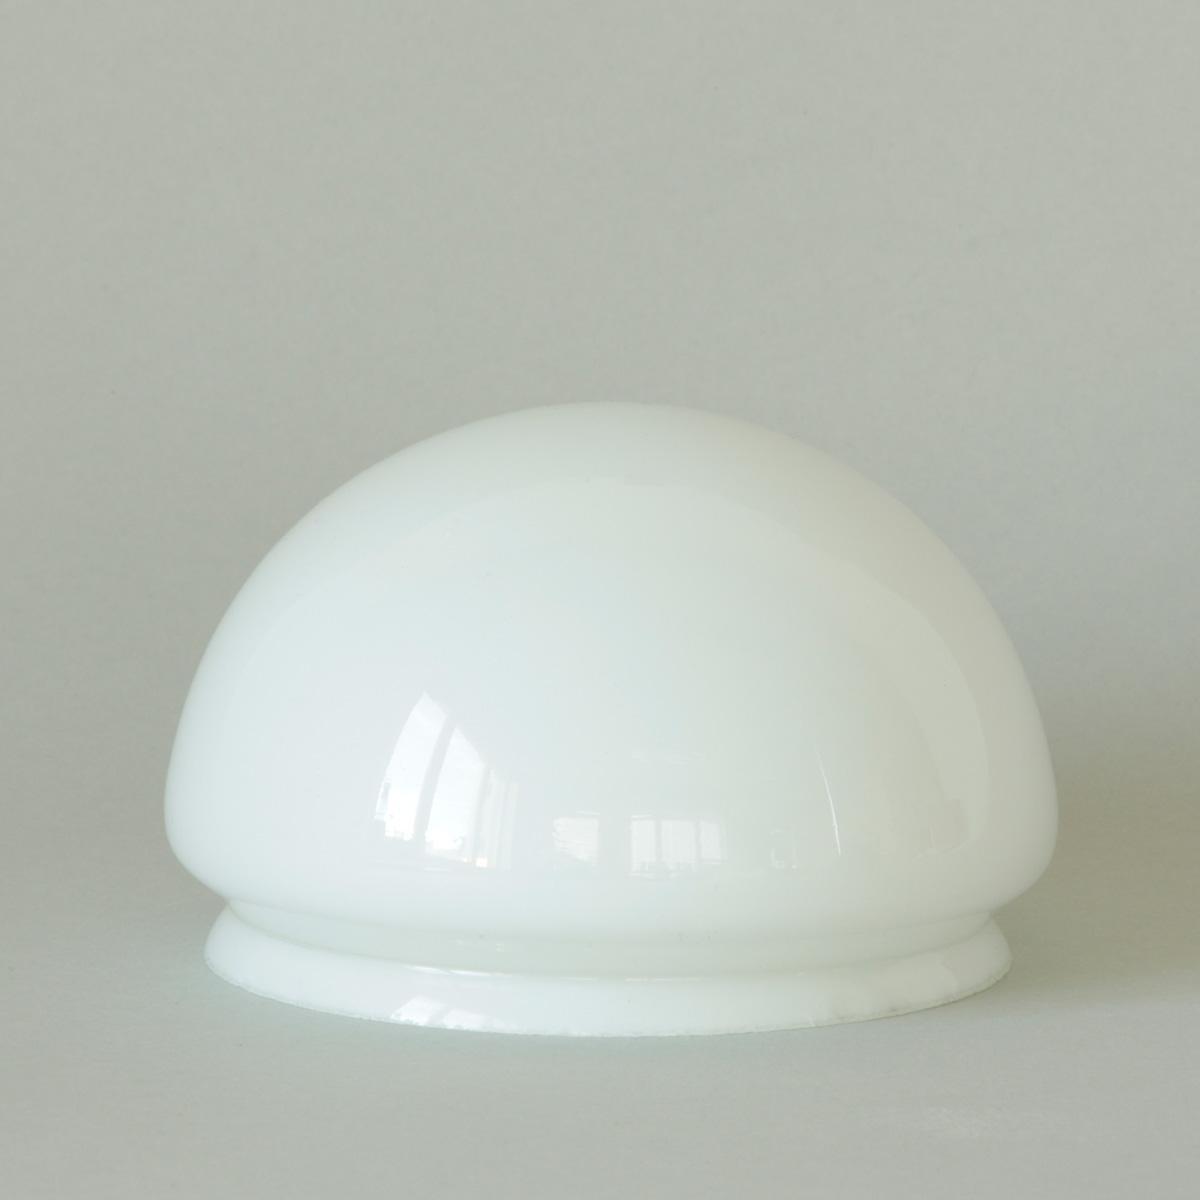 sehr kleine klassische deckenleuchte mit 11 cm opalglas 16 5 cm casa lumi. Black Bedroom Furniture Sets. Home Design Ideas